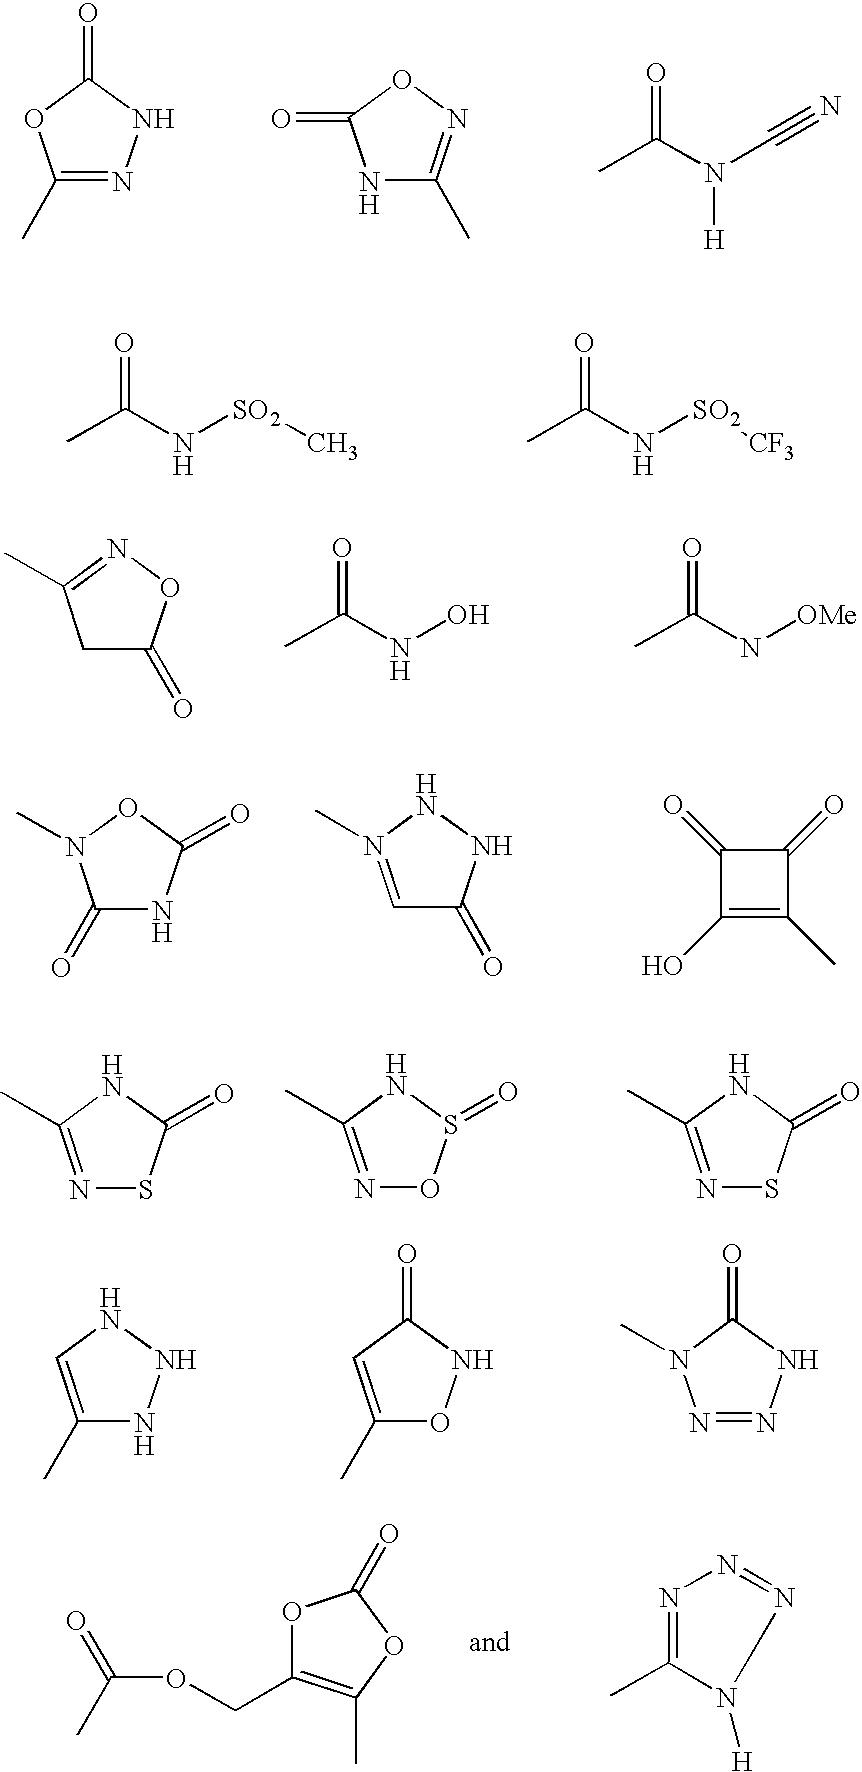 Figure US20050009827A1-20050113-C00003